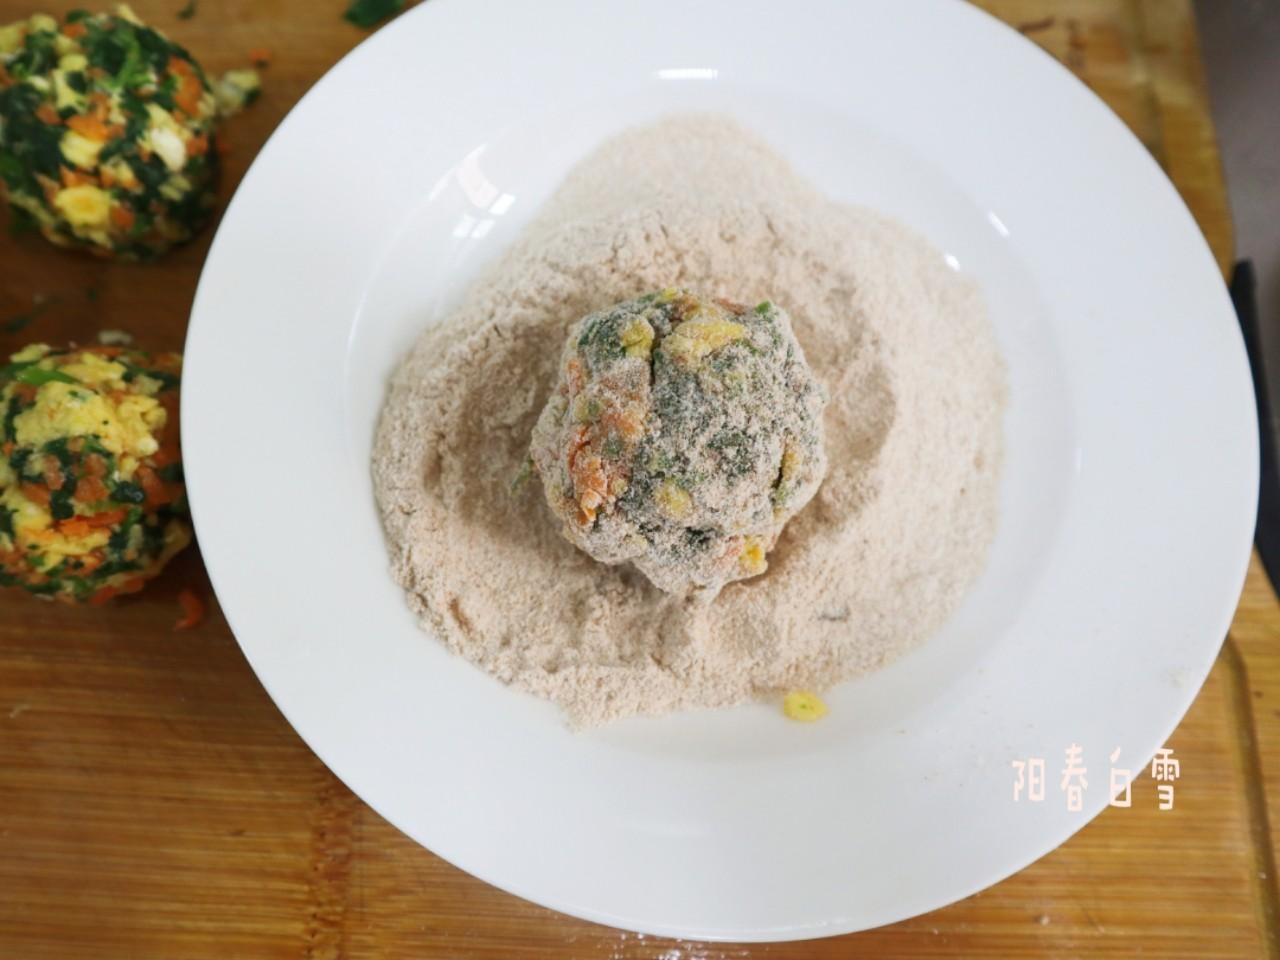 全麦面菜团子❗️低脂饱腹减肥主食代餐的简单做法